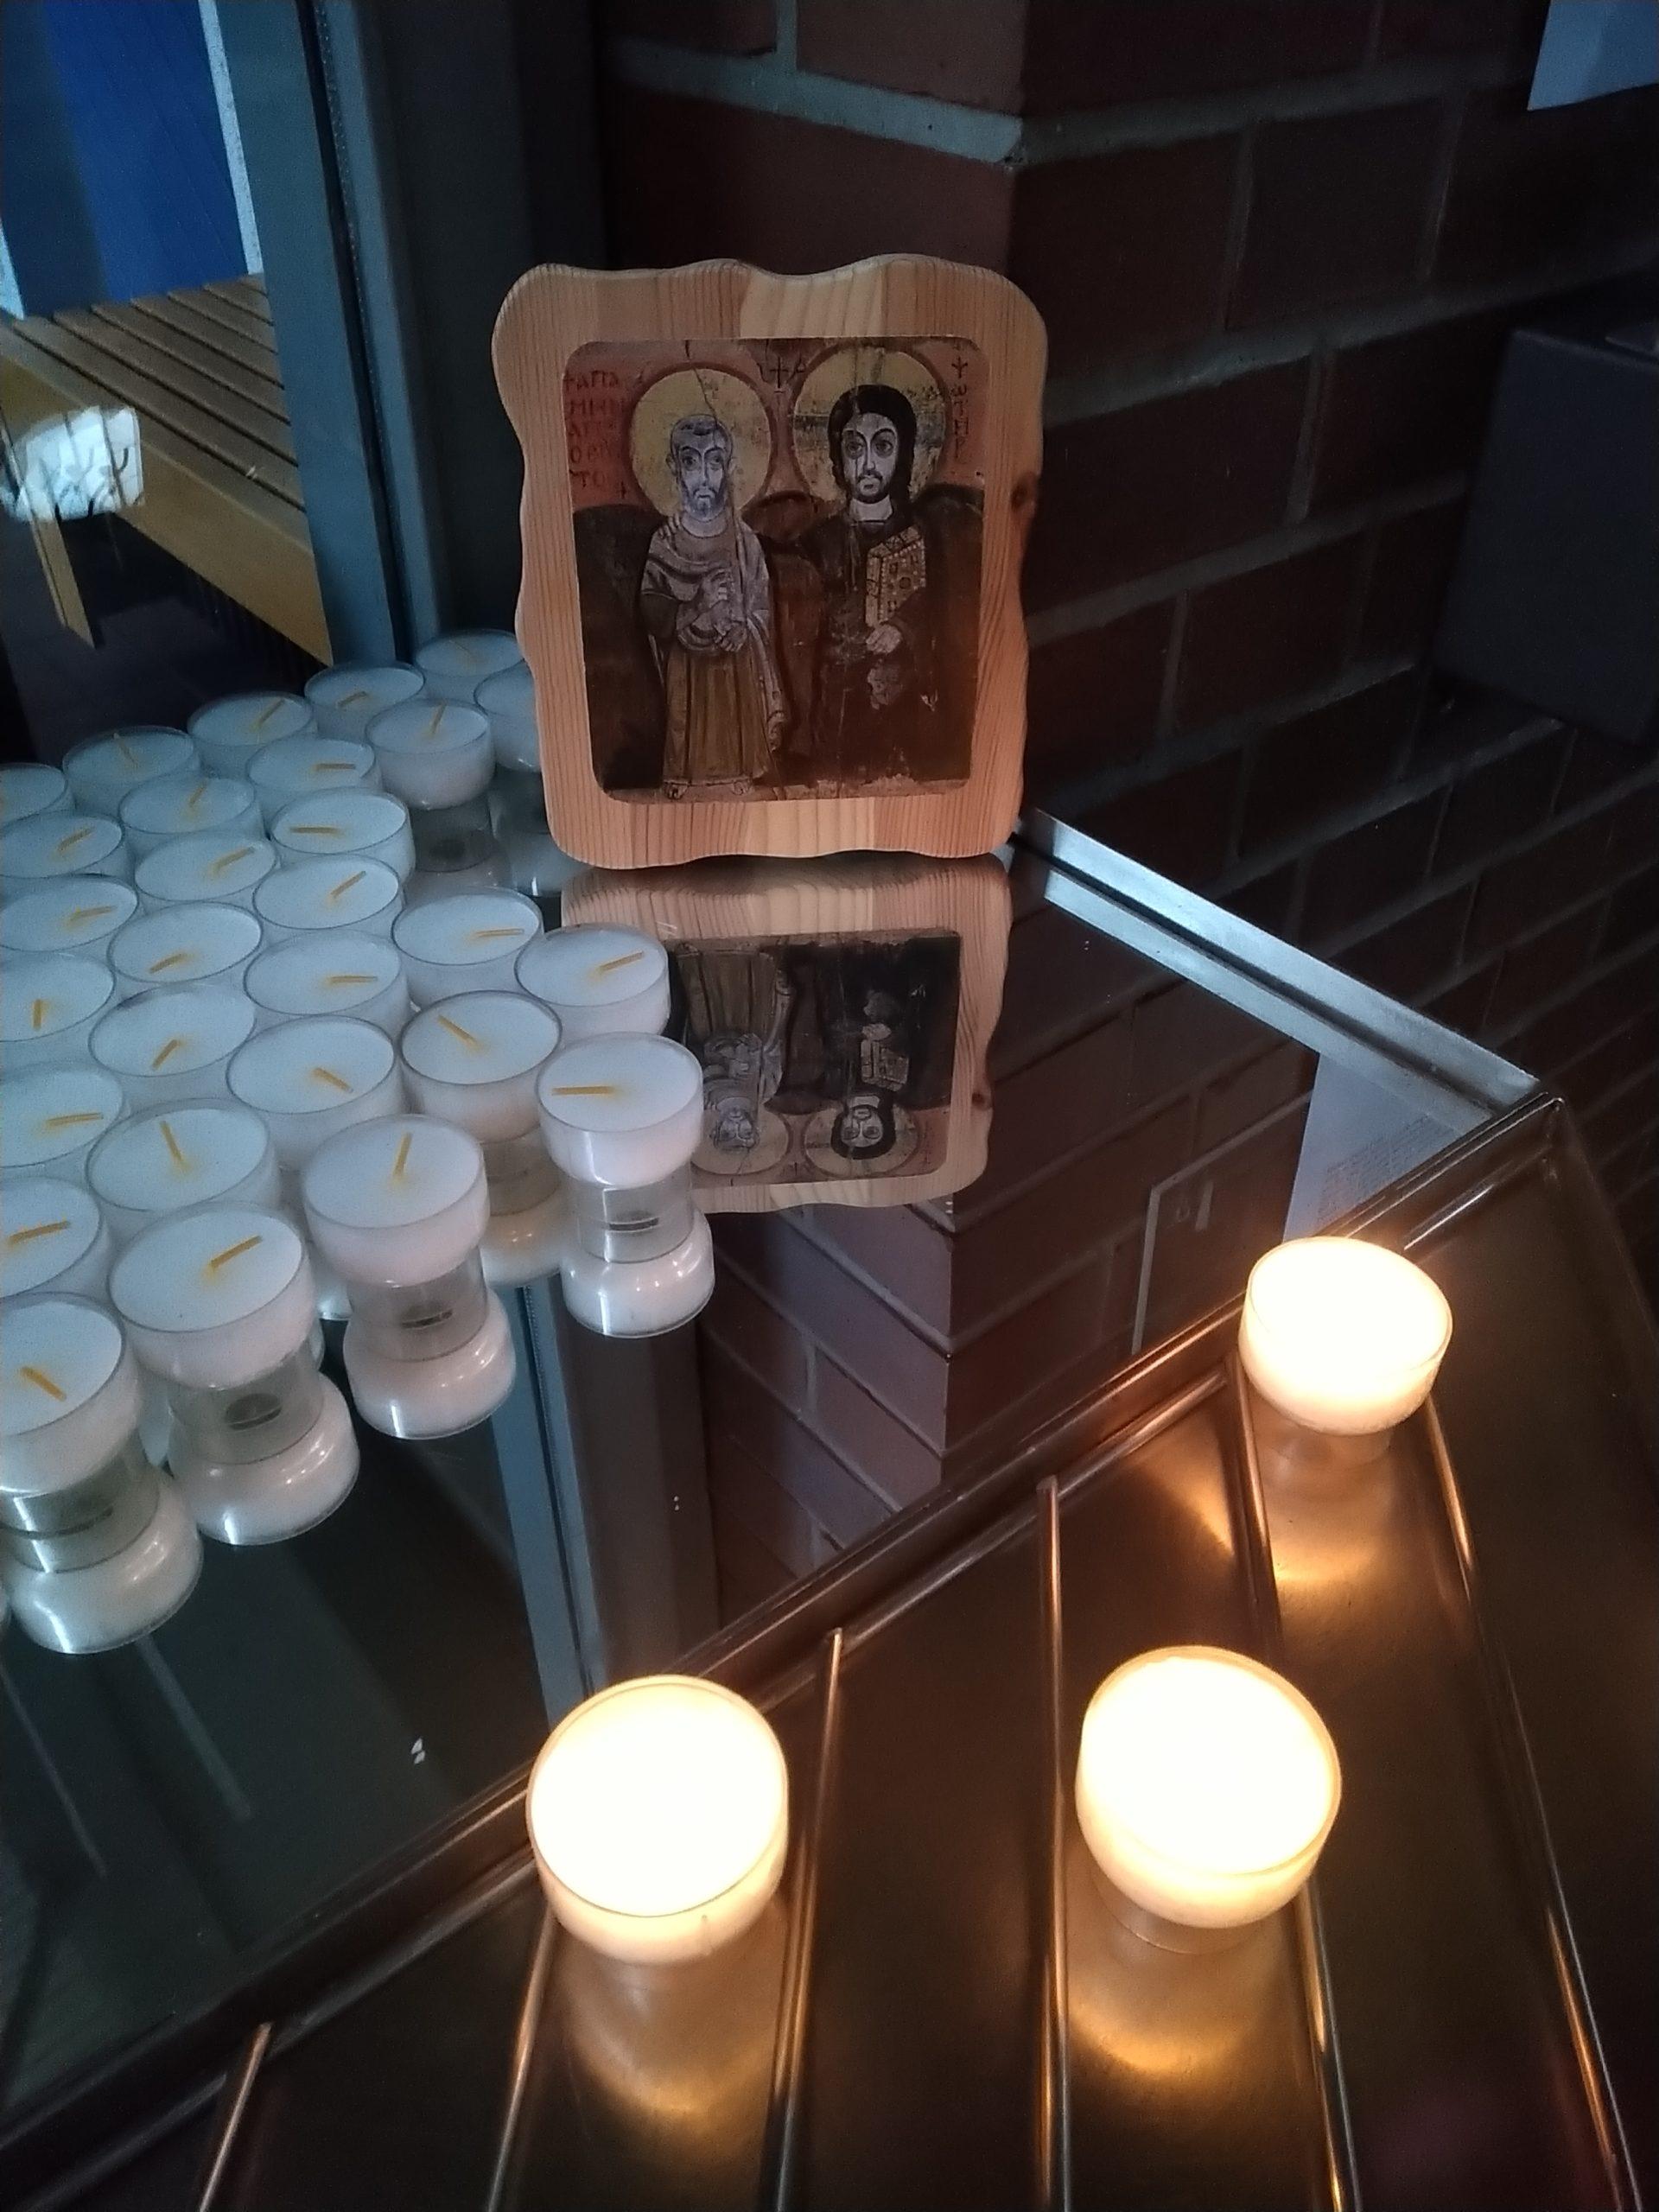 Gemeindereferentin Rita Becker hat in der St. Joseph-Kirche eine Kerze entzündet: für alle Firmanden, alle Menschen, die uns anvertraut sind, für die, die für die Kranken sorgen und für die, die krank sind.